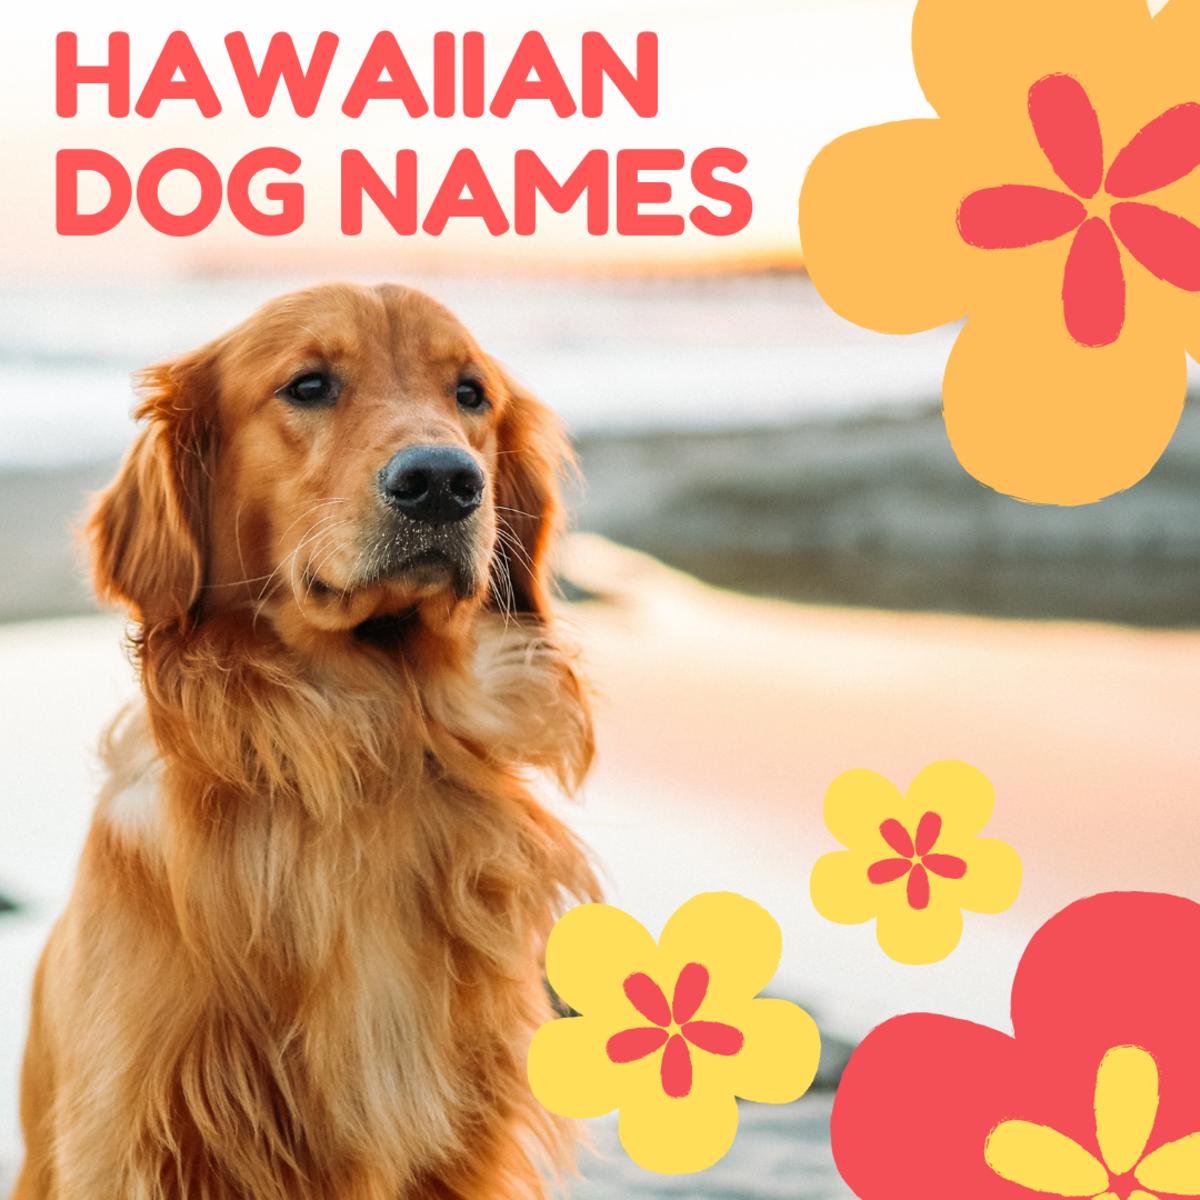 100+ Beautiful Hawaiian Dog Name Ideas